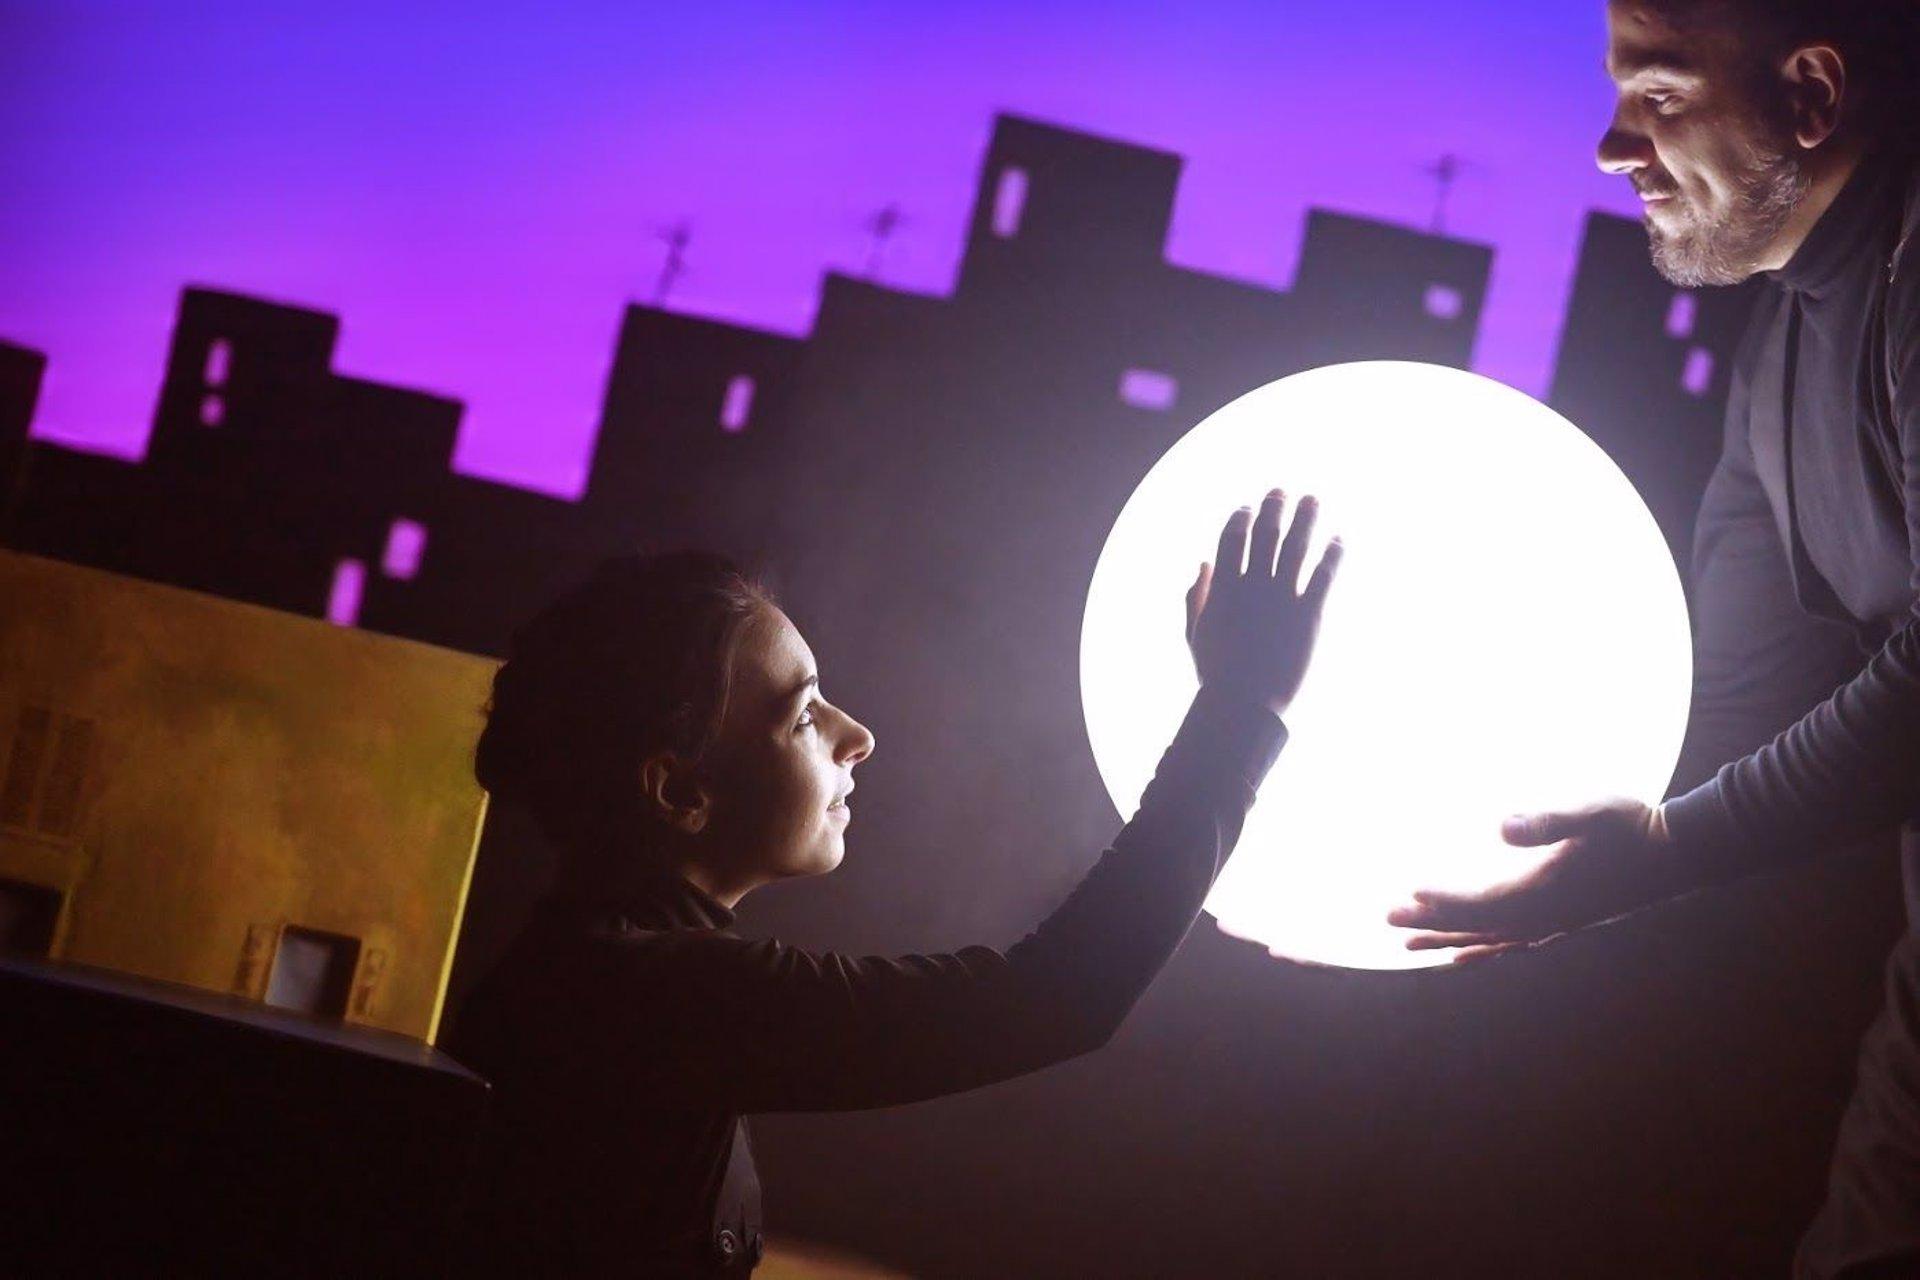 El Teatro Alhambra retoma su programación con un espectáculo dirigido a bebés y primera infancia